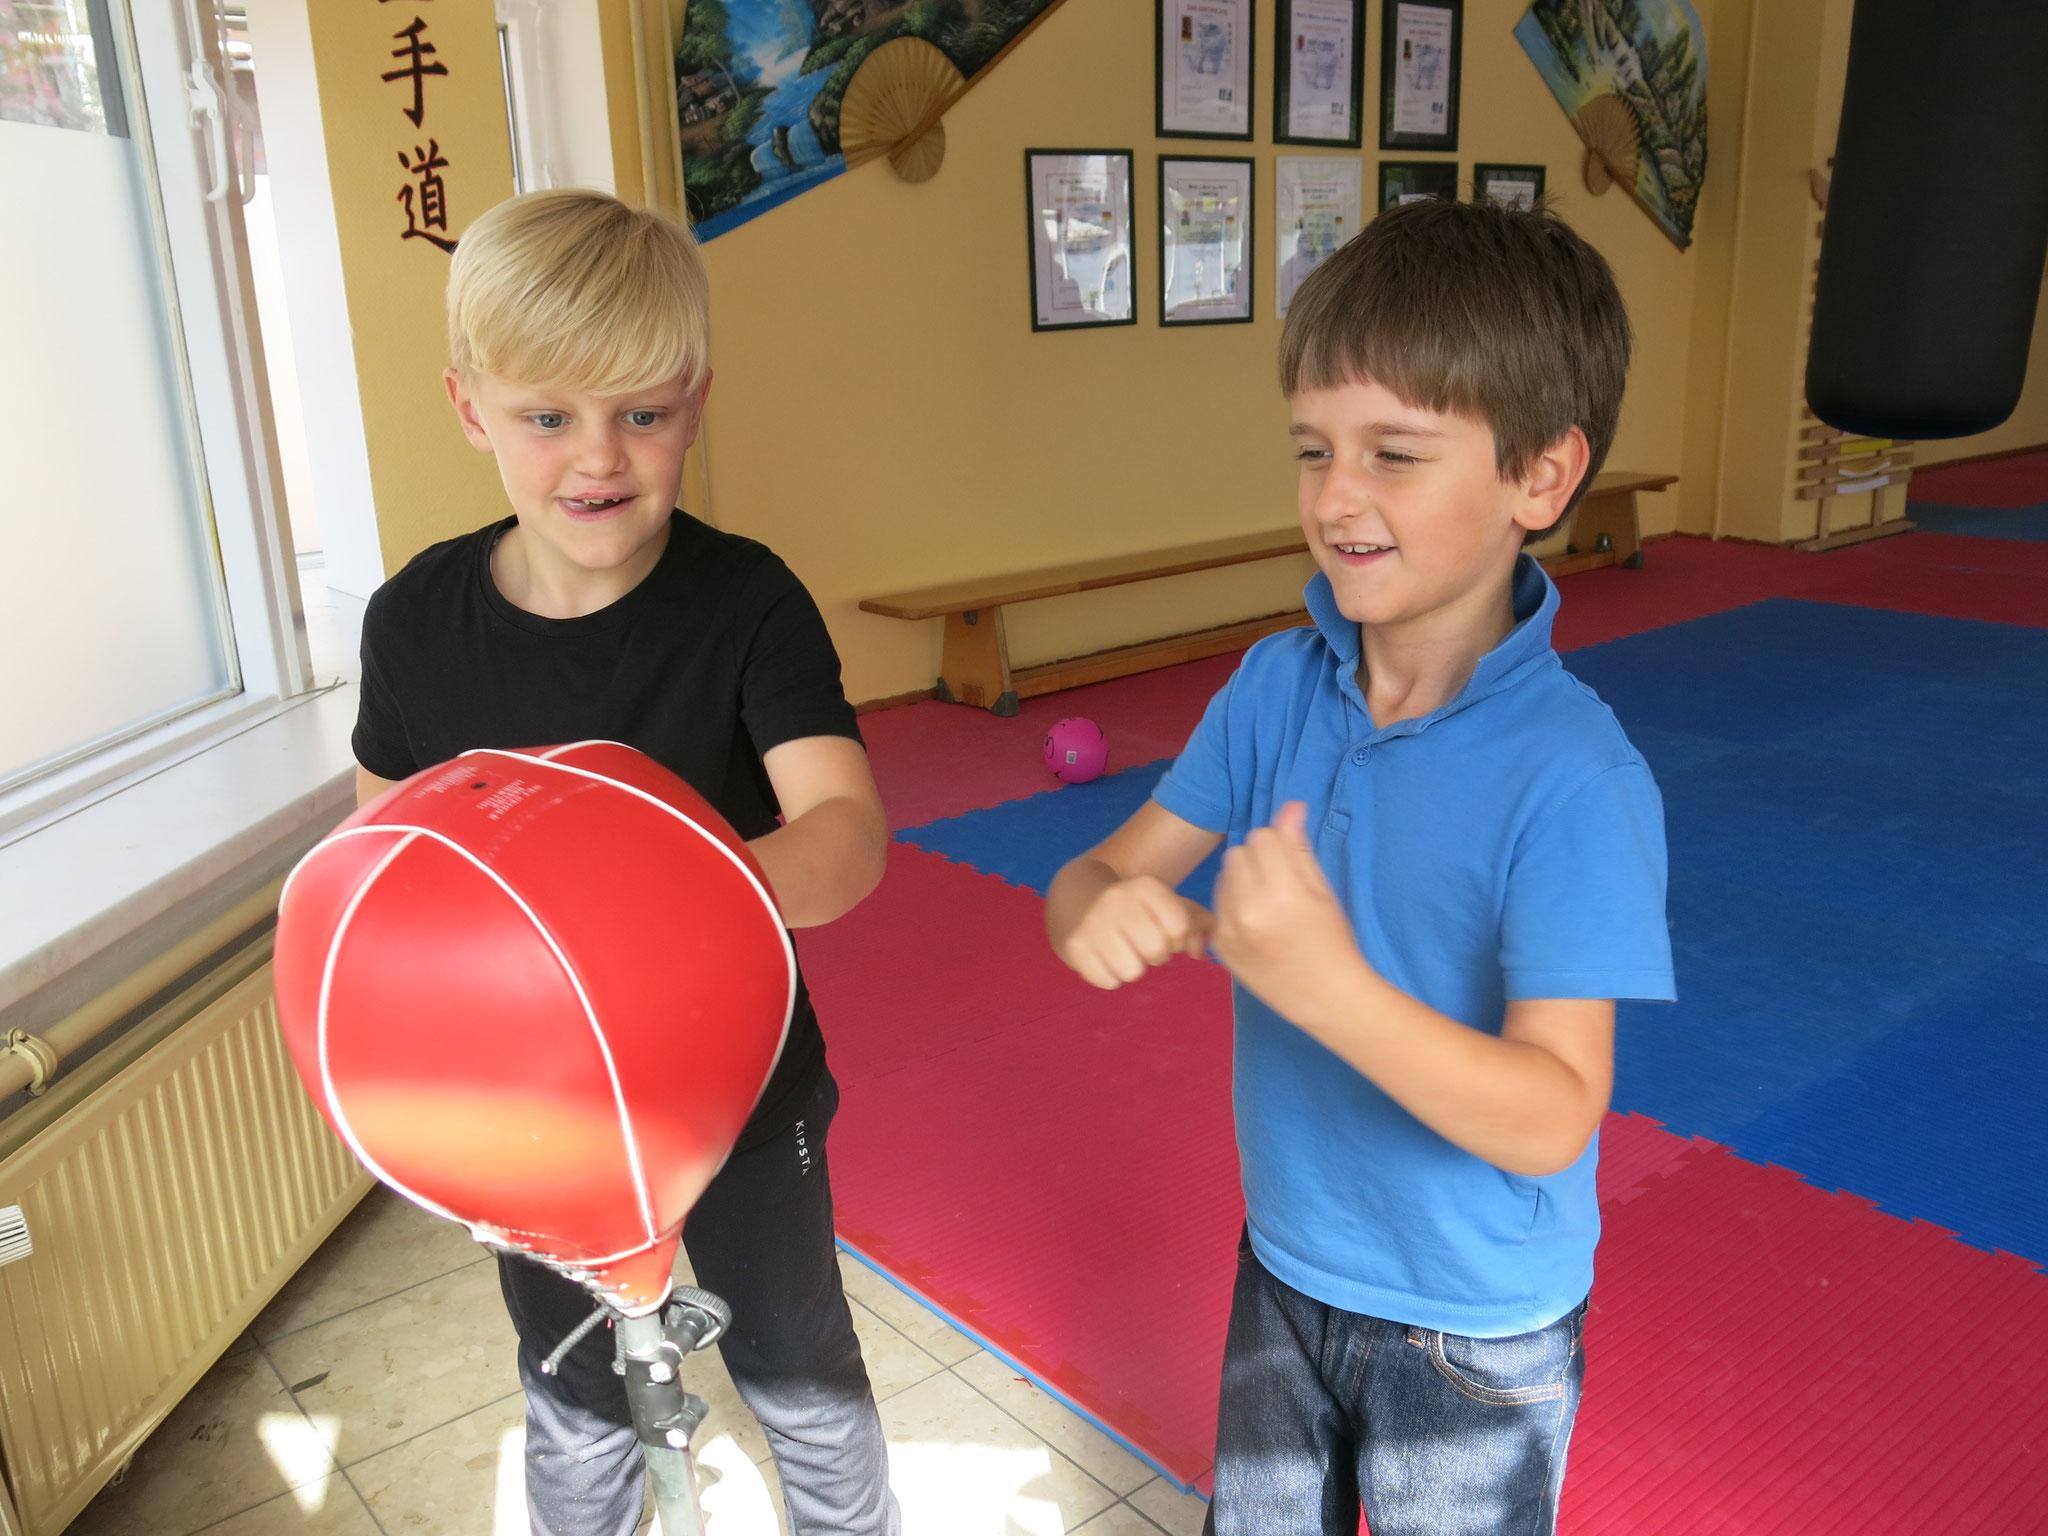 Wer fit in Karate ist, kommt häufig auch in der Schule ziemlich gut zurecht.